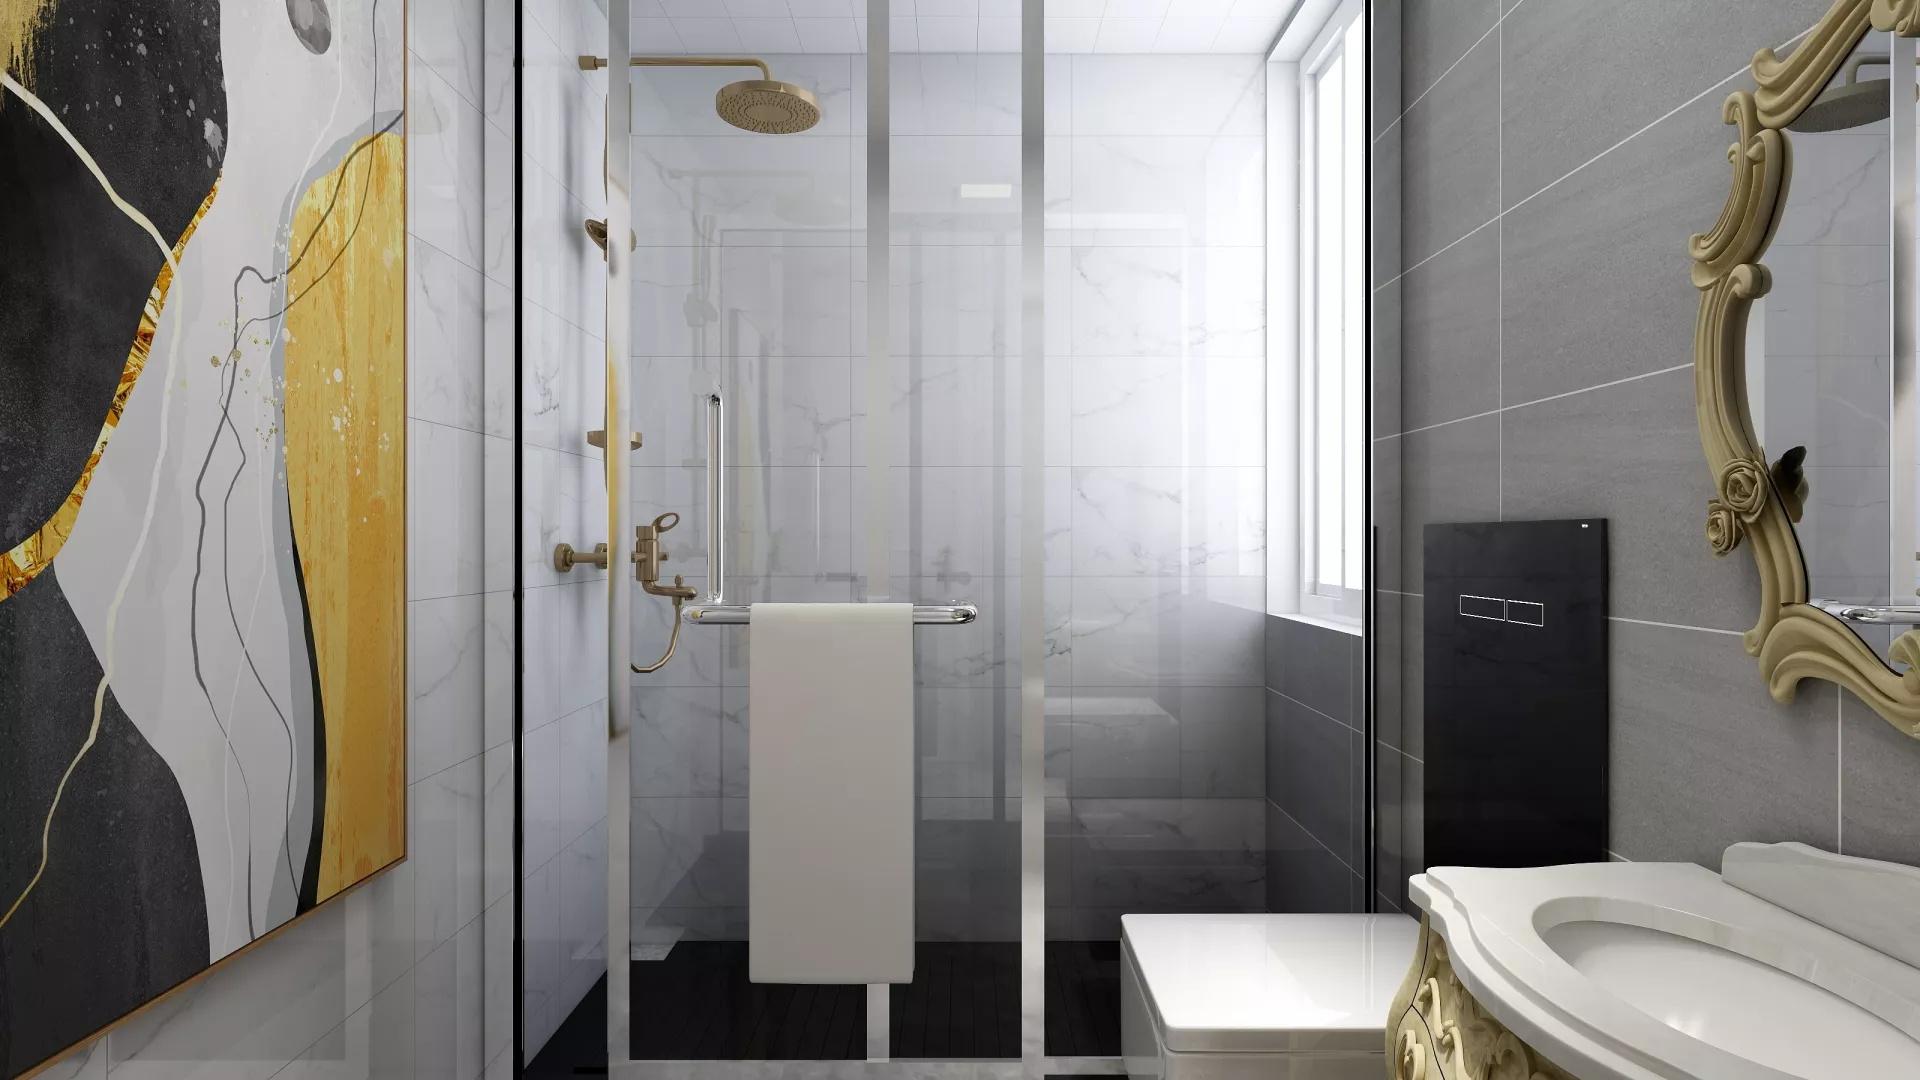 衛生間玻璃貼膜技巧有哪些 窗戶貼膜有什么用